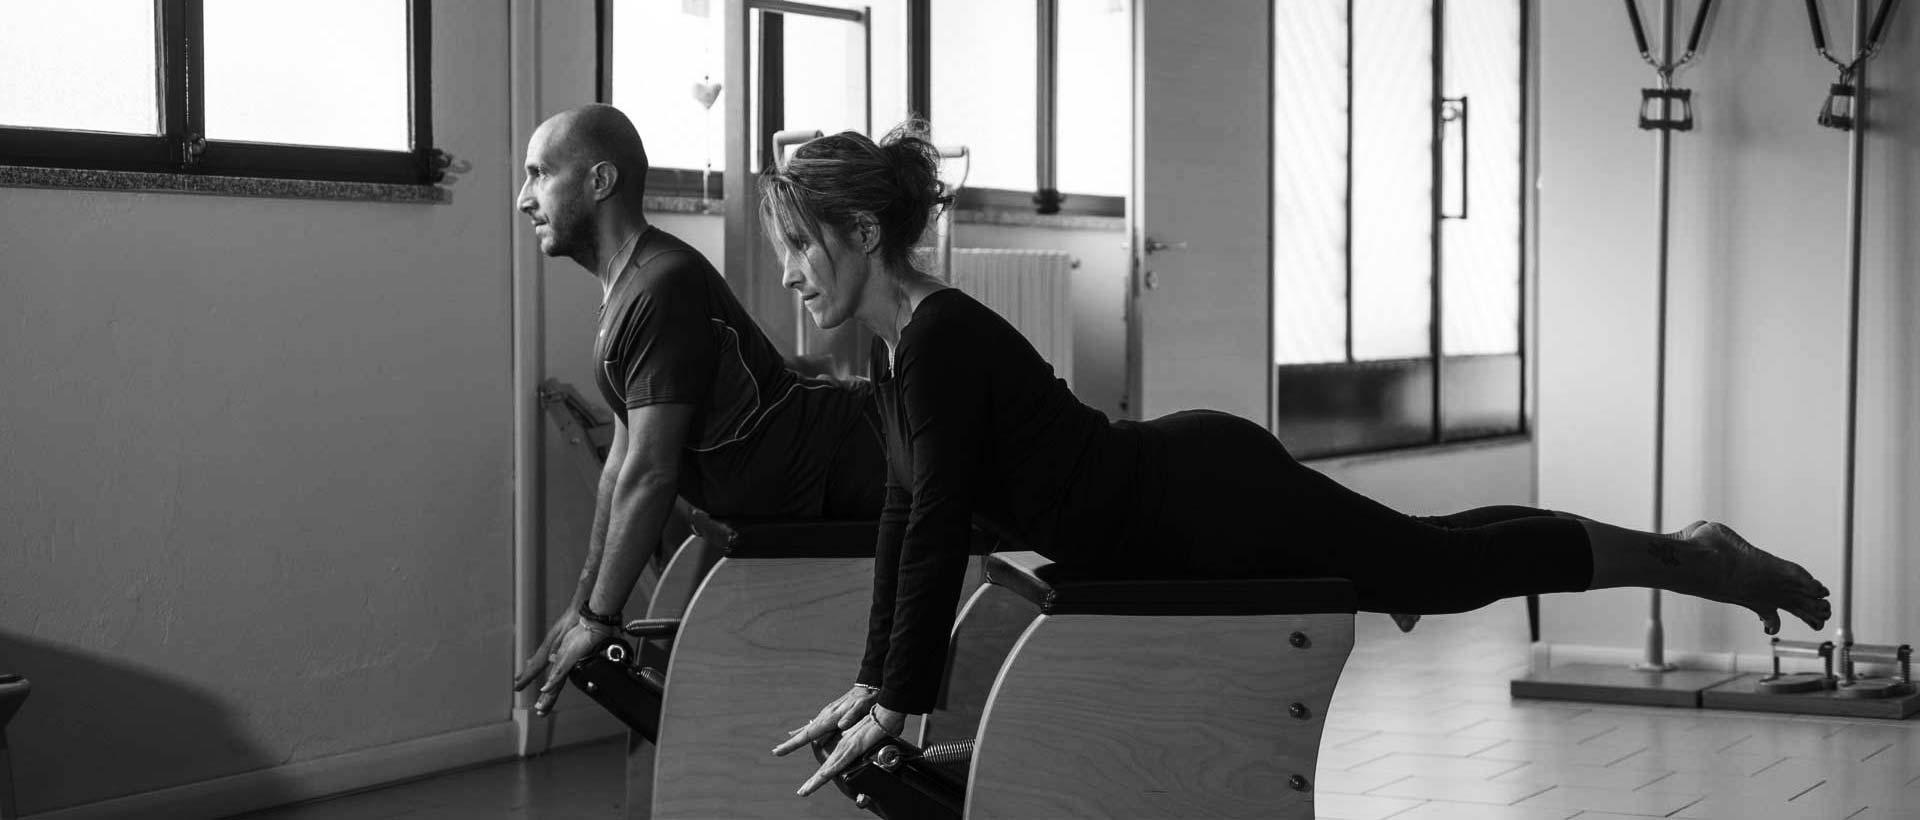 trinity pilates - scuola di formazione pilates / studio pilates milano